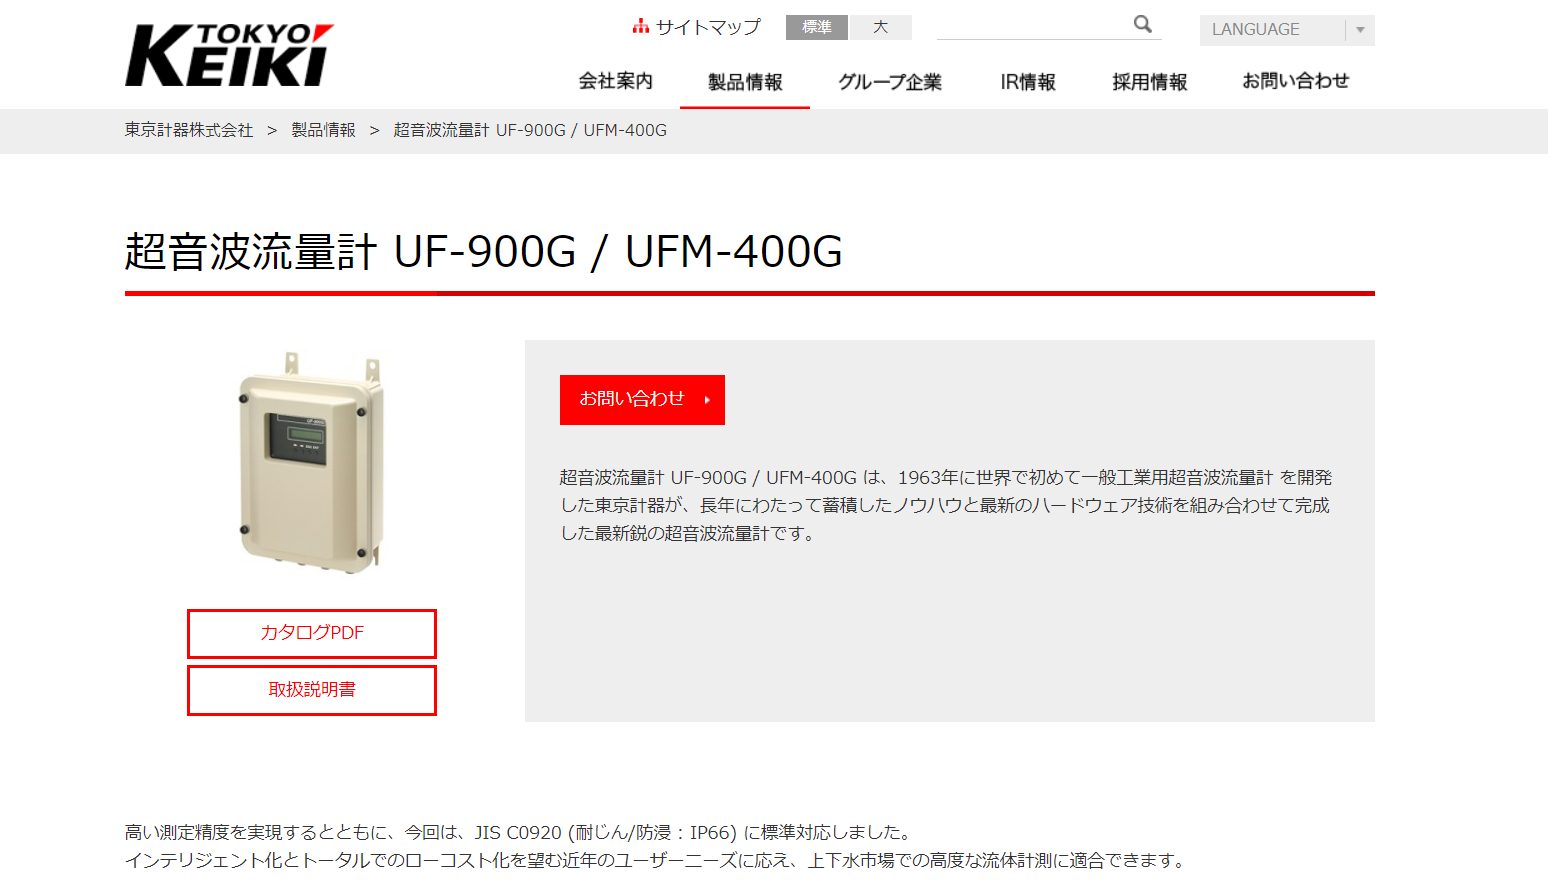 超音波流量計 UF-900G / UFM-400G